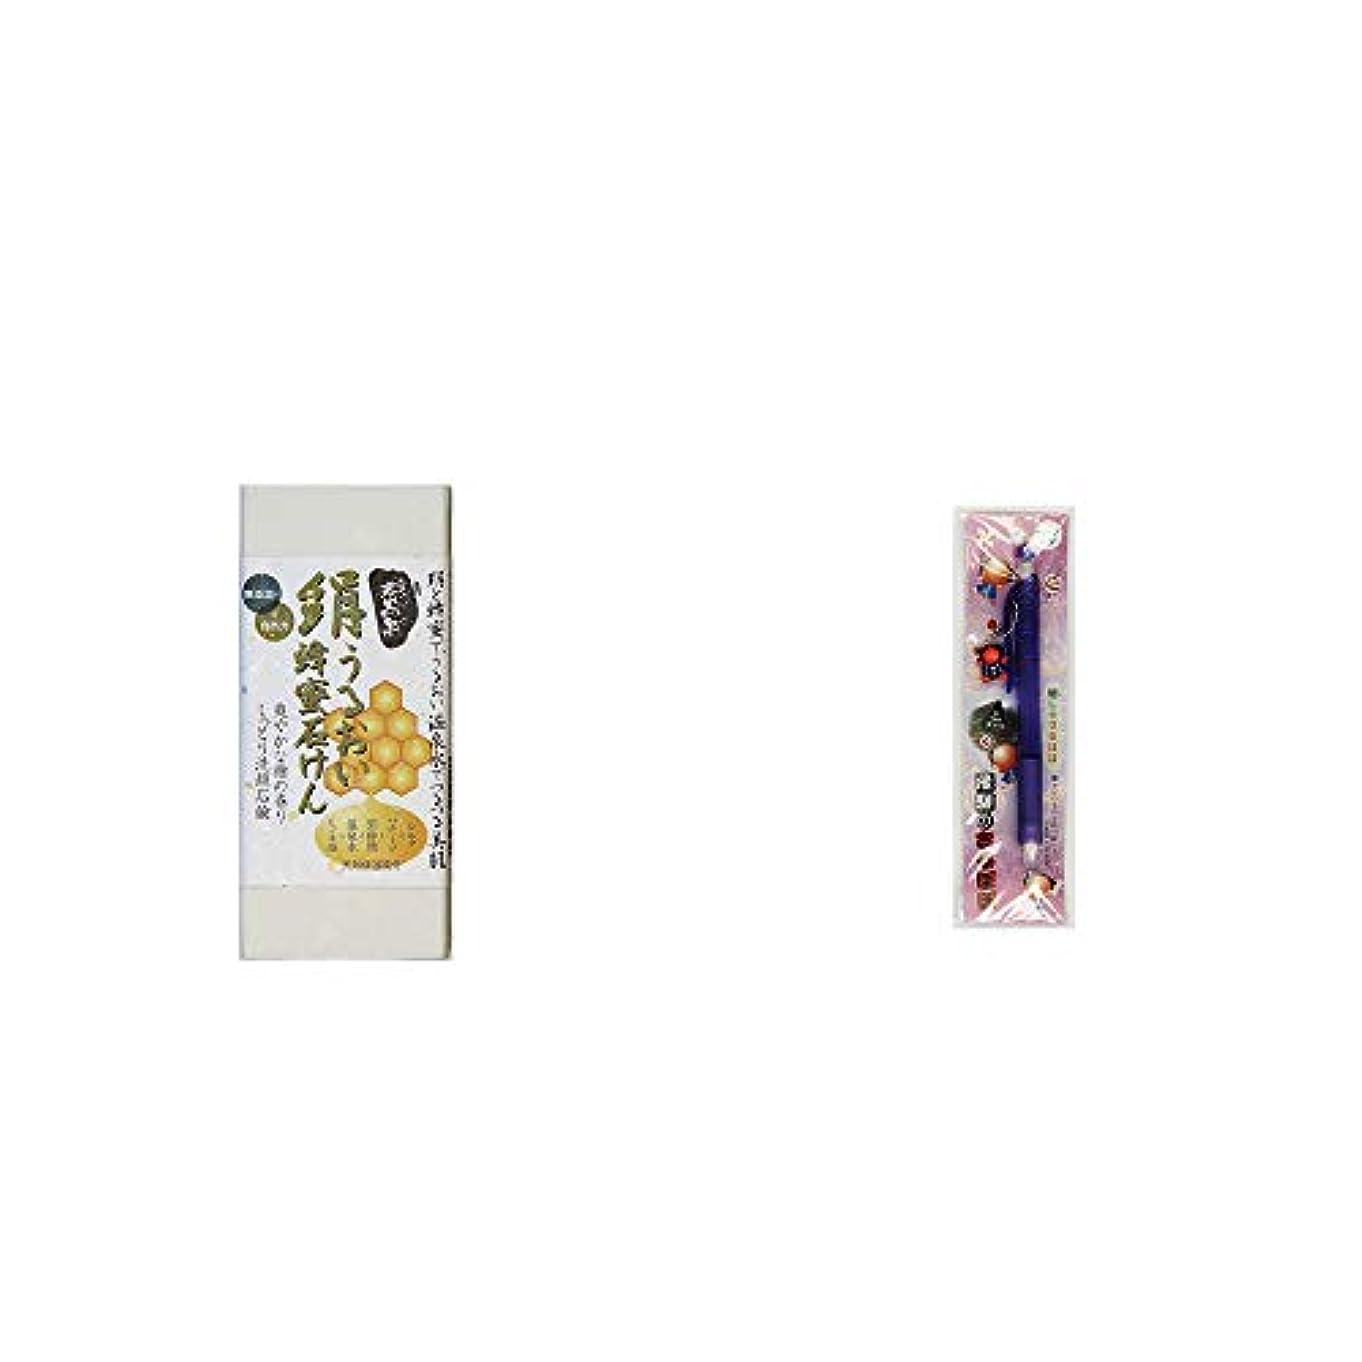 漫画起点ペフ[2点セット] ひのき炭黒泉 絹うるおい蜂蜜石けん(75g×2)?さるぼぼ 癒しシャープペン 【パープル】